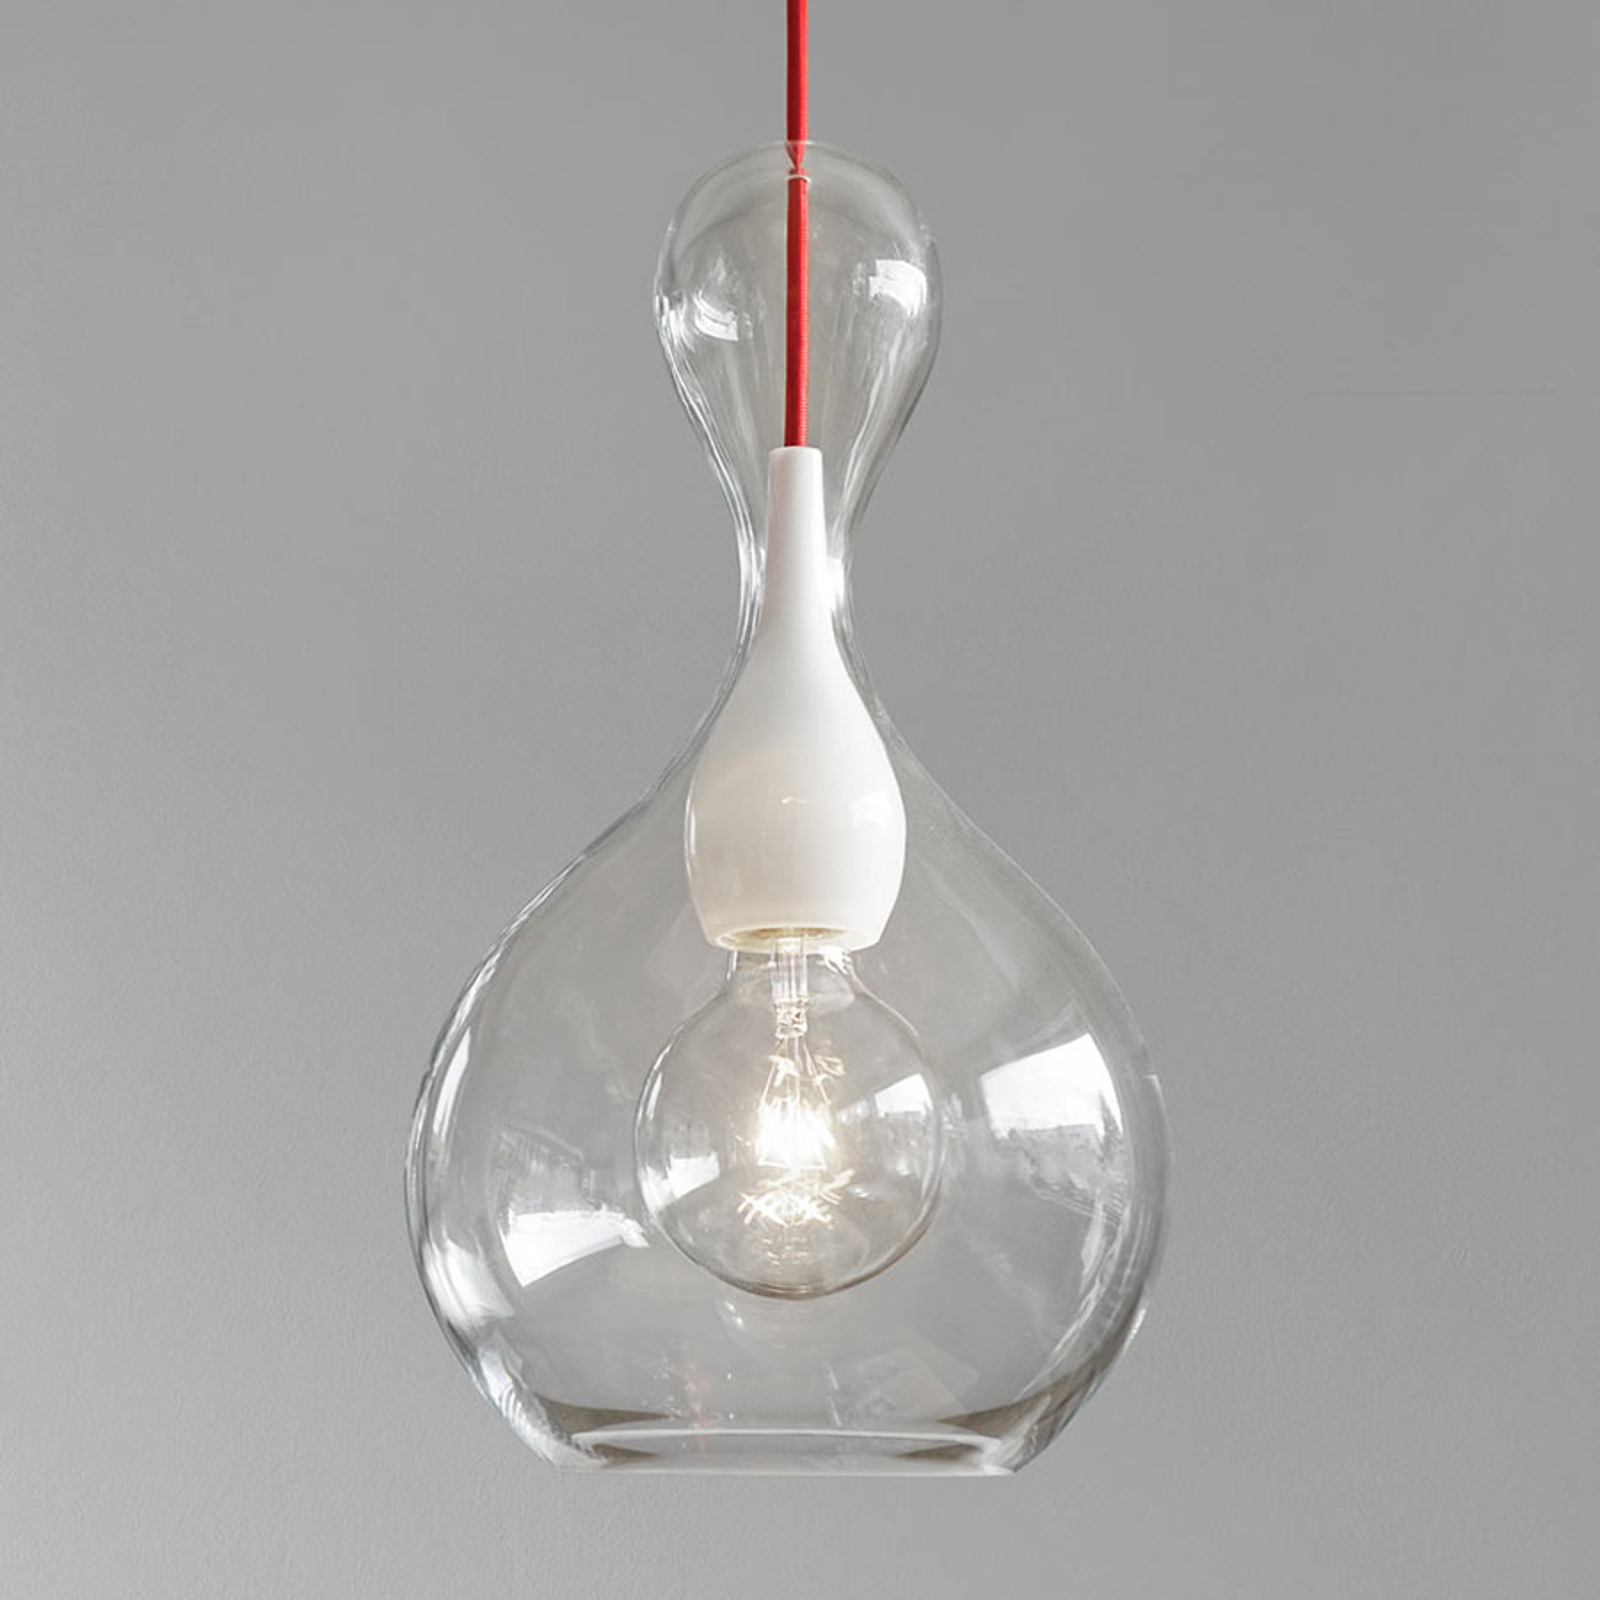 next Blubb Pendelleuchte aus klarem Glas